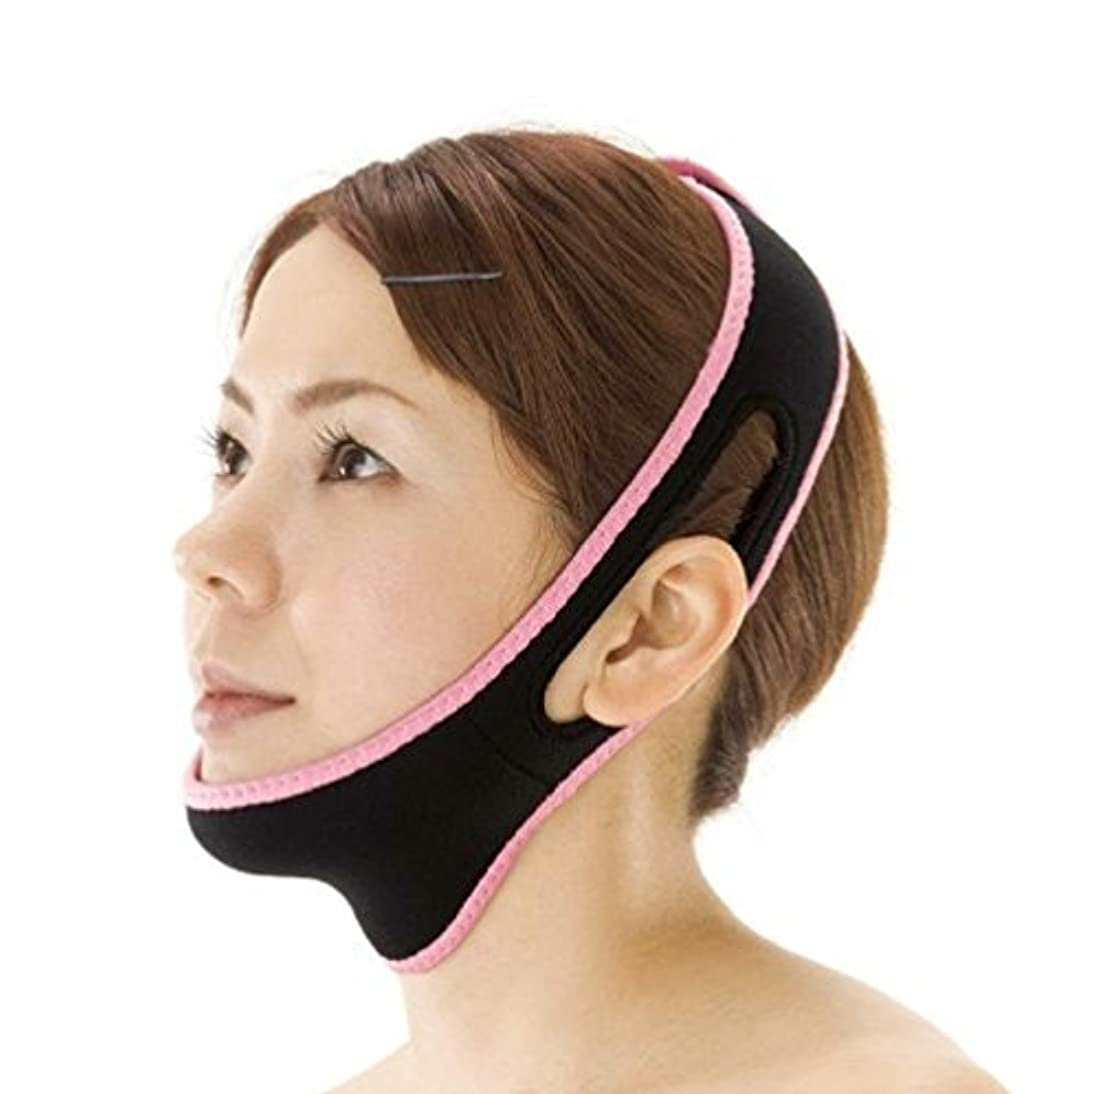 企業保持するゆるく小顔リフトアップベルト 寝ながら小顔 小顔矯正 ゲルマニウム 男女兼用ベルト いびき対策